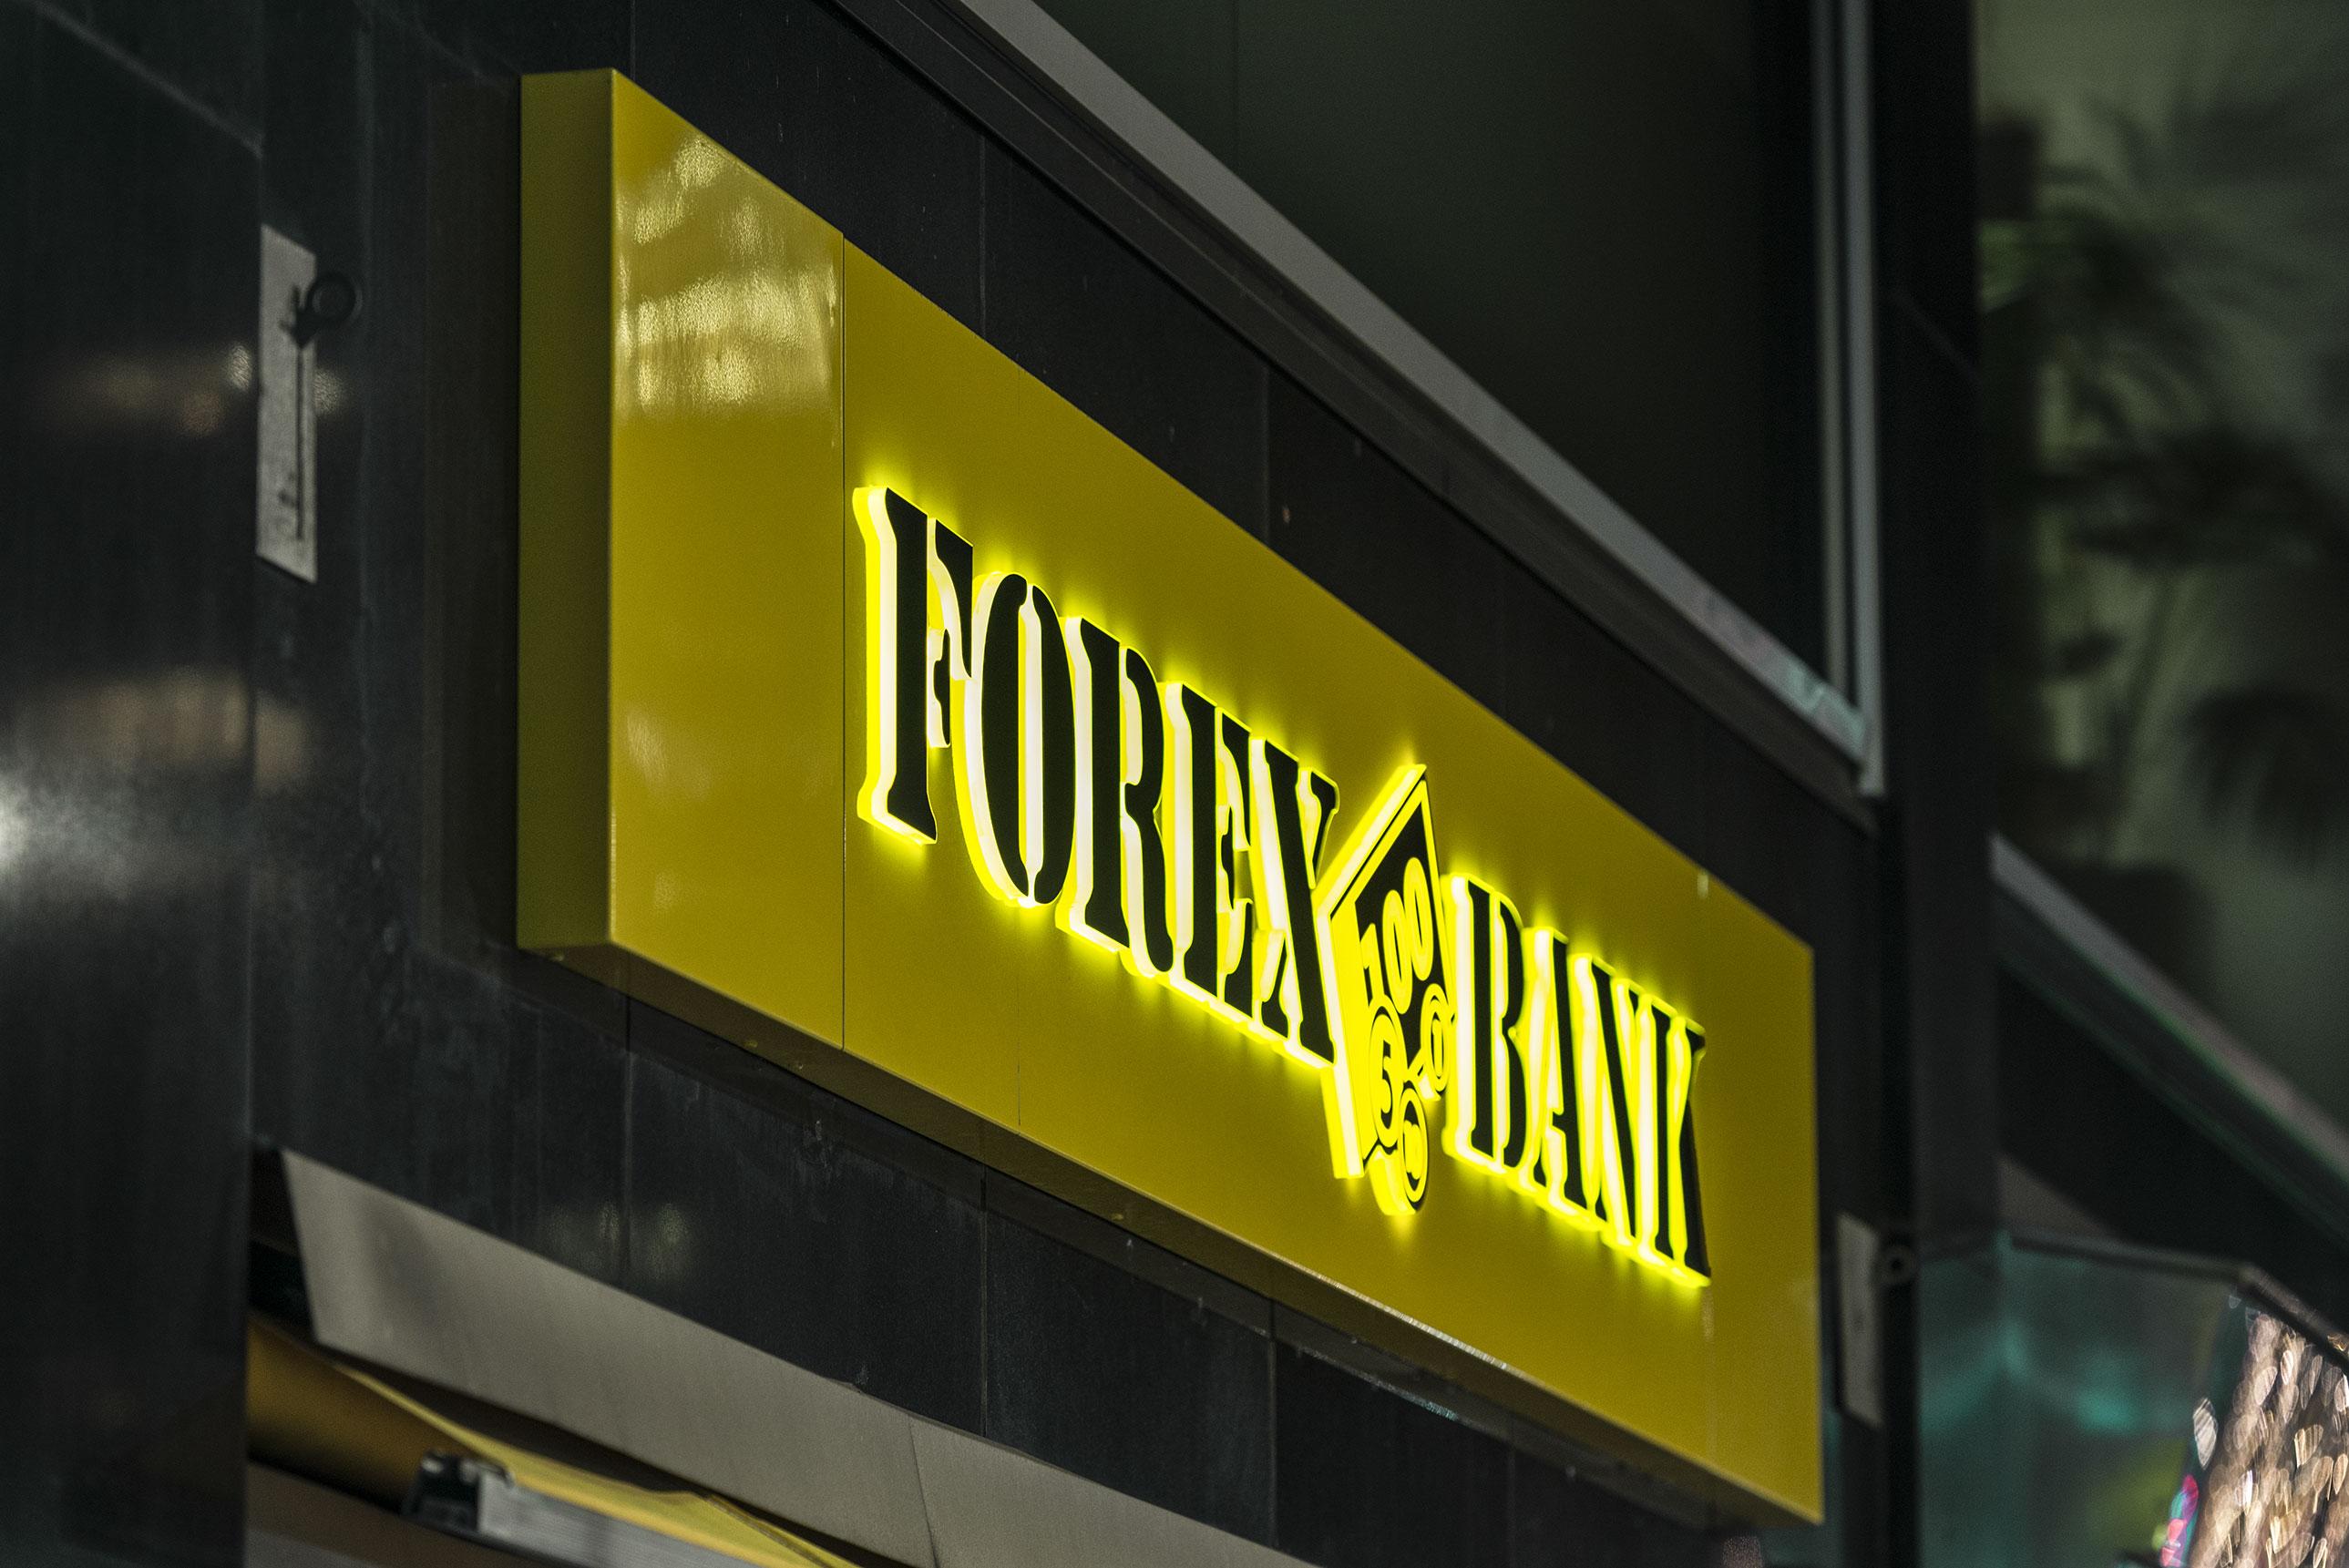 Forex bank ab